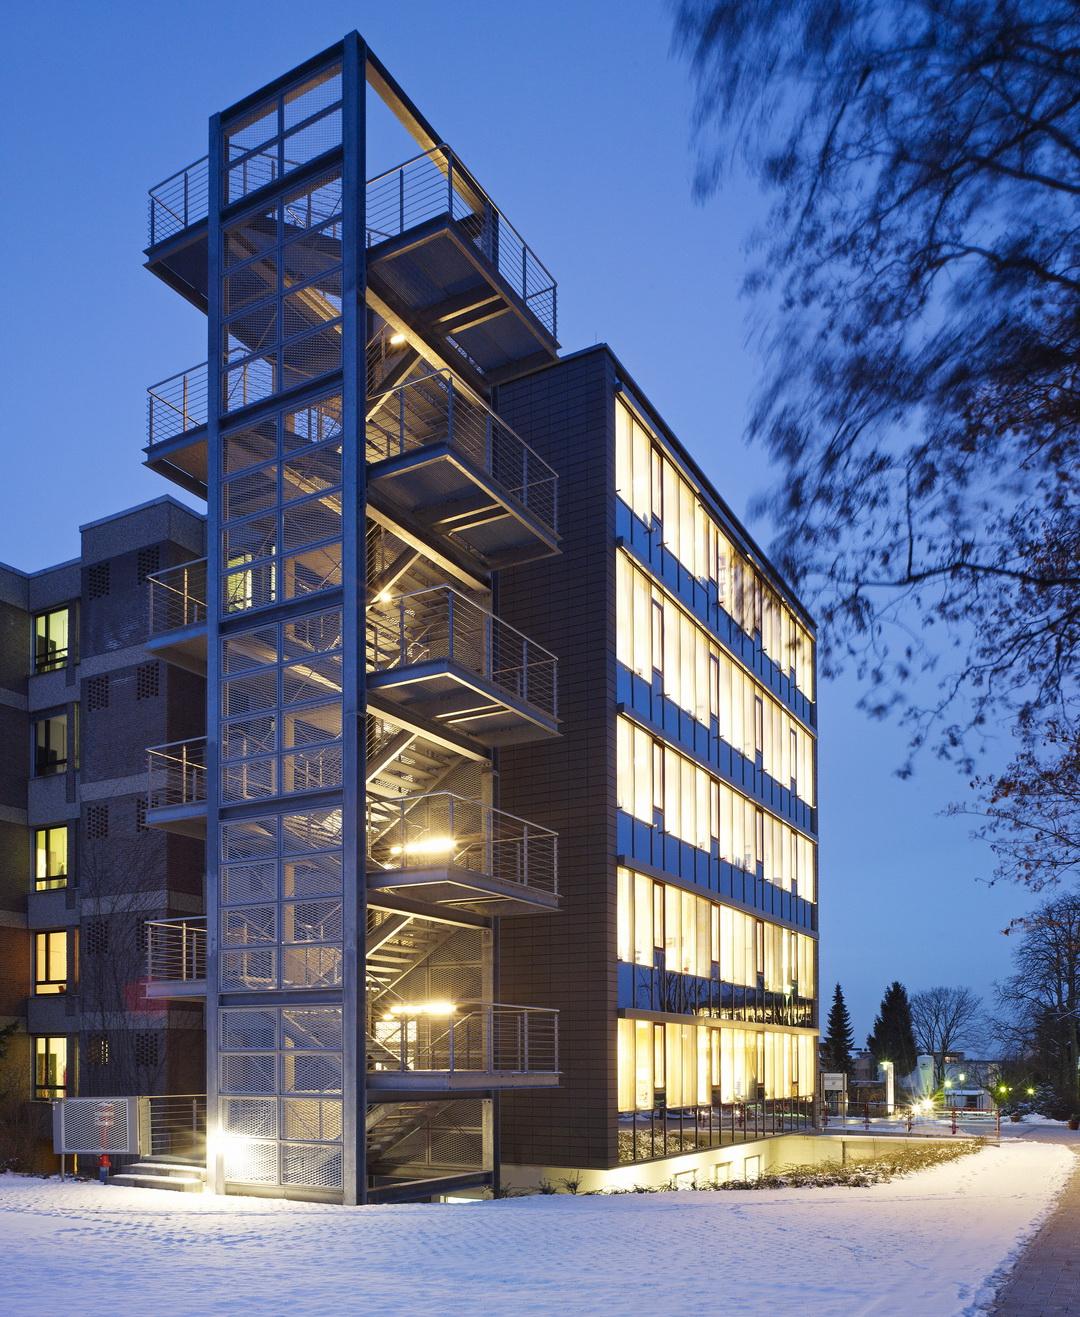 Br derkrankenhaus paderborn umbau und erweiterung bettenhaus architekten bda naujack rind - Architekten paderborn ...